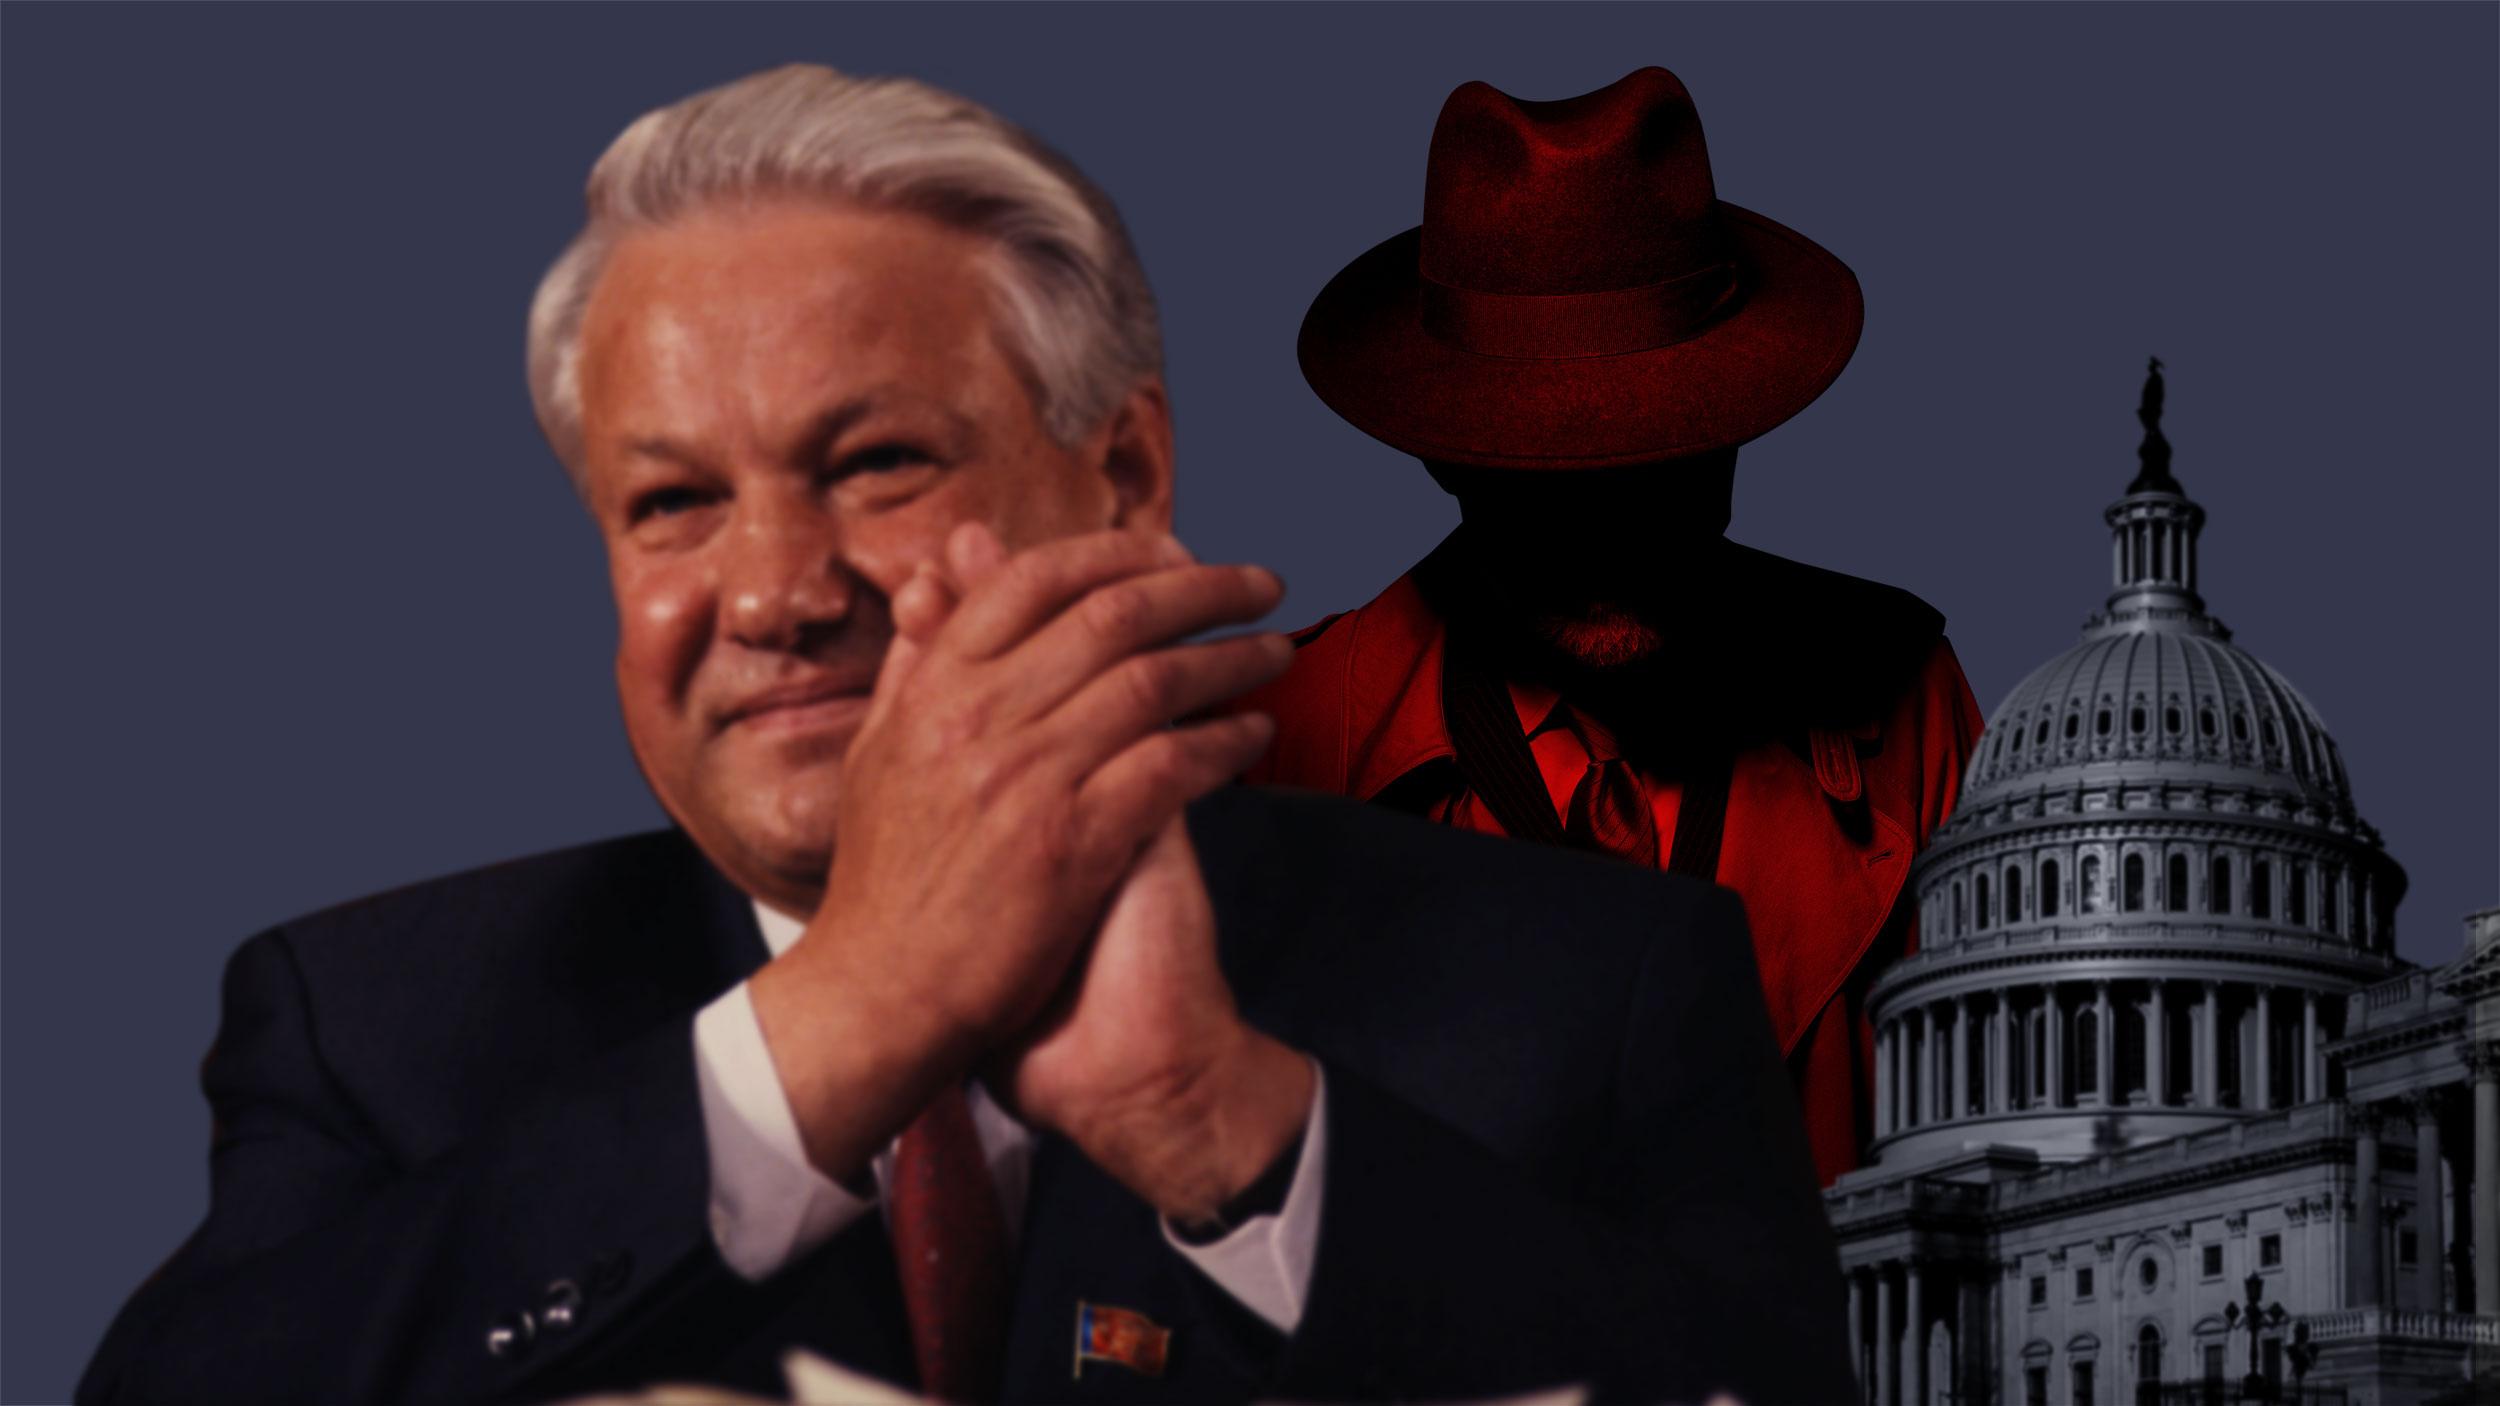 Гений шпионажа и главный предатель ГРУ: Зачем Ельцин спас от смерти лучшего суперагента ЦРУ